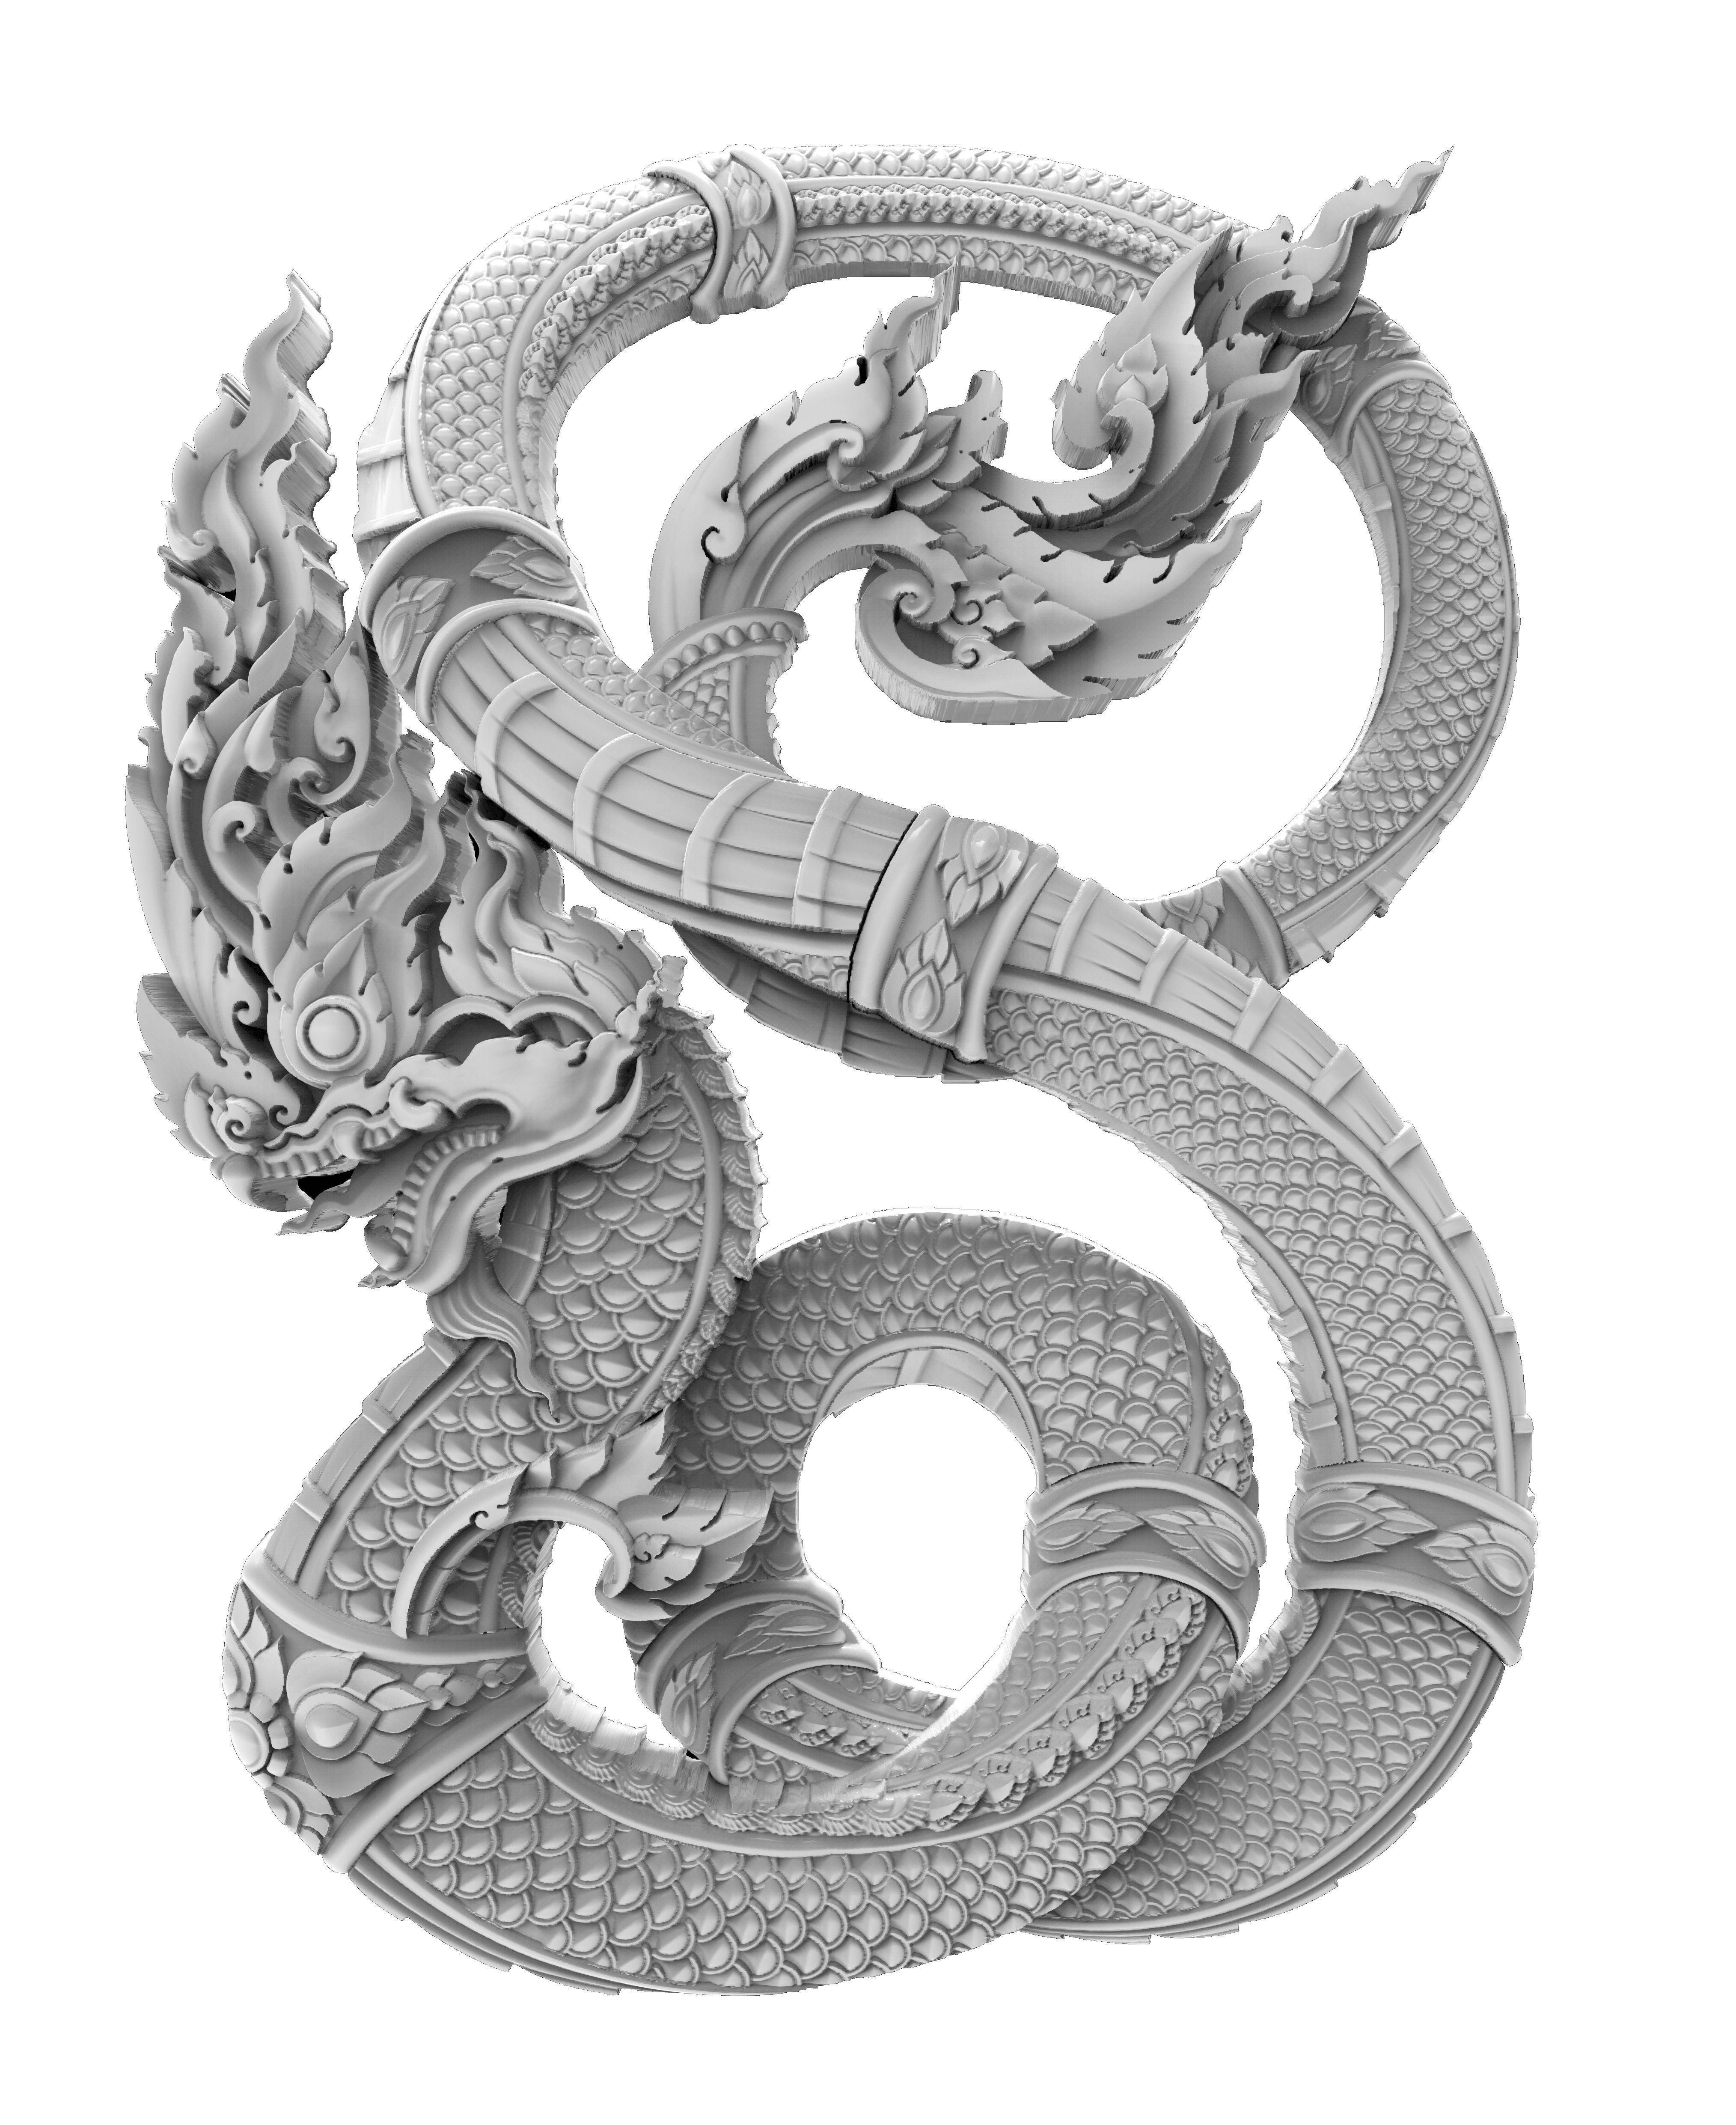 3d Dragon Drawing At GetDrawings